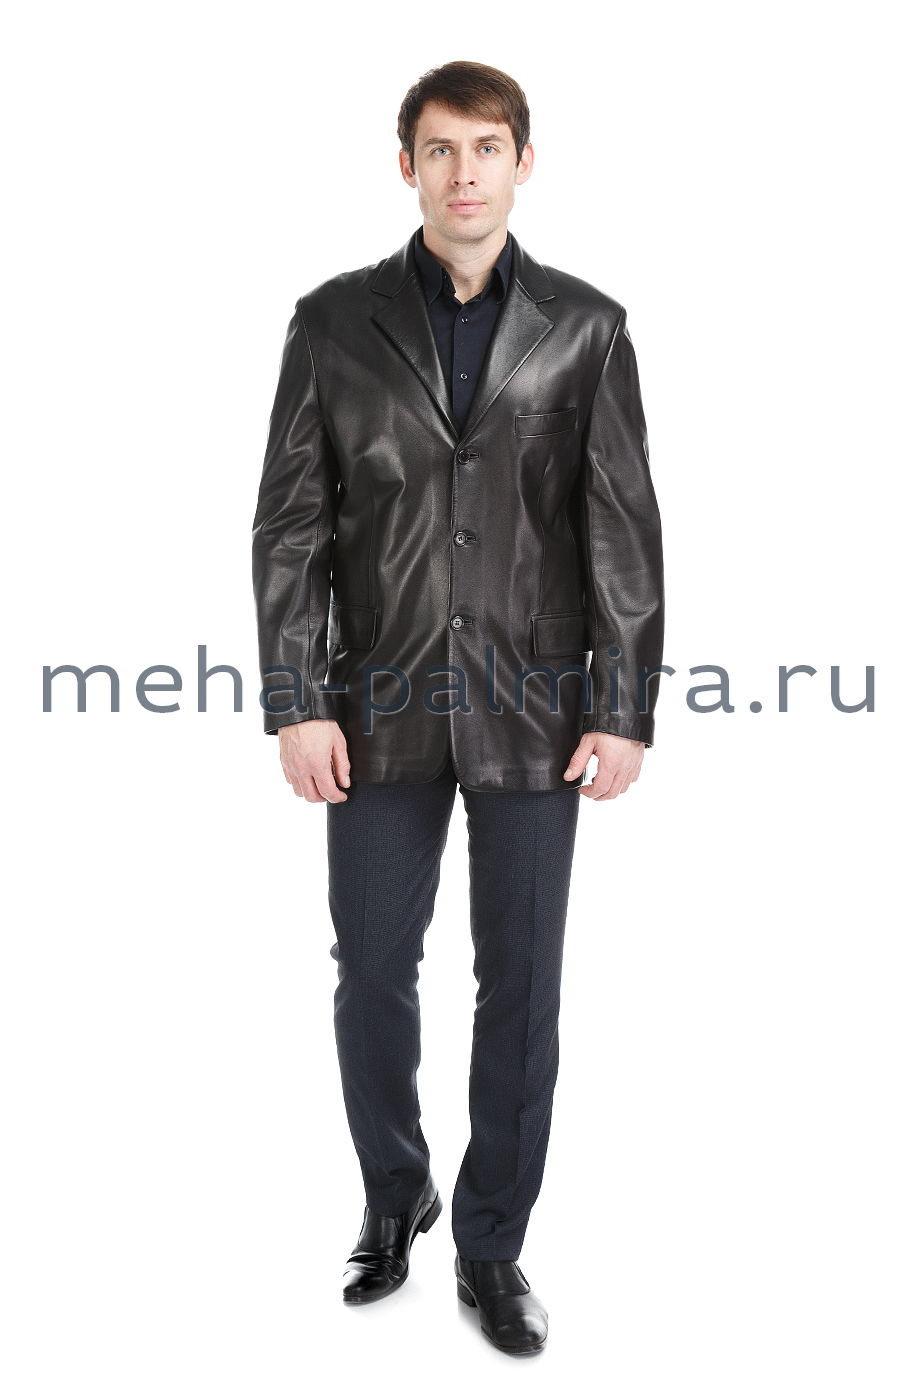 Мужской кожаный пиджак с английским воротником